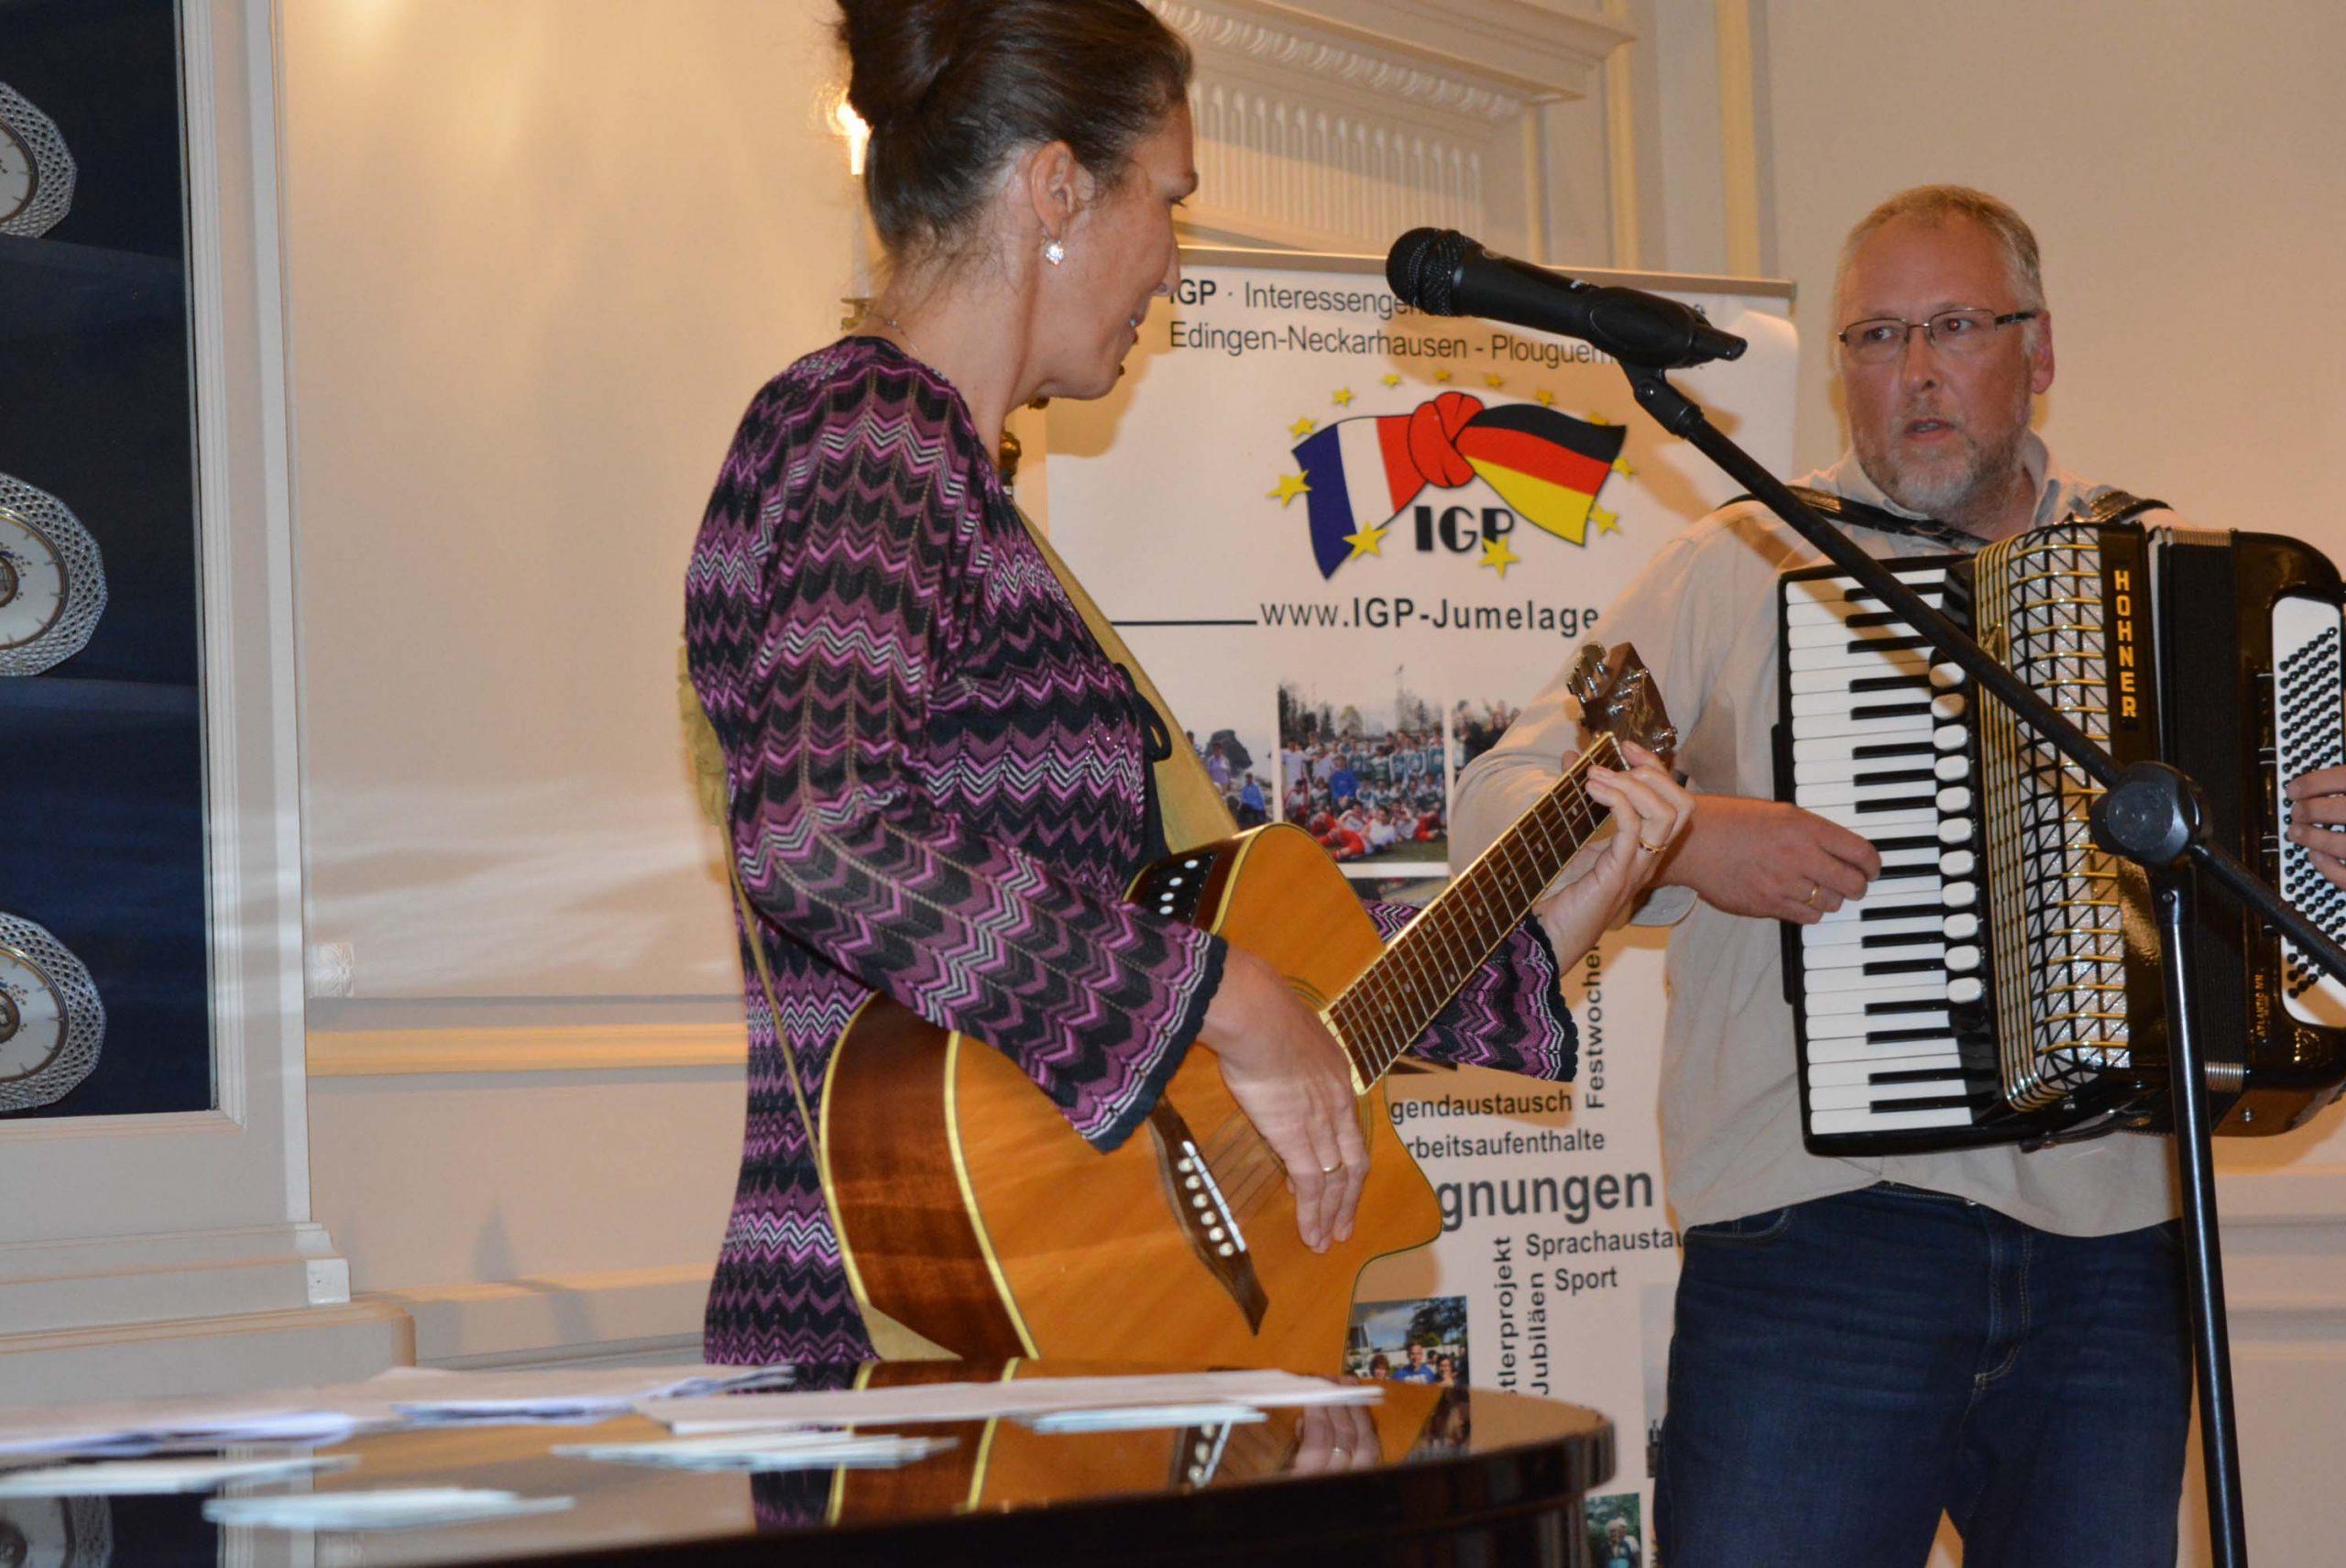 Susanne und Roland Surblys im Gesang für die Französische Woche in Heidelberg